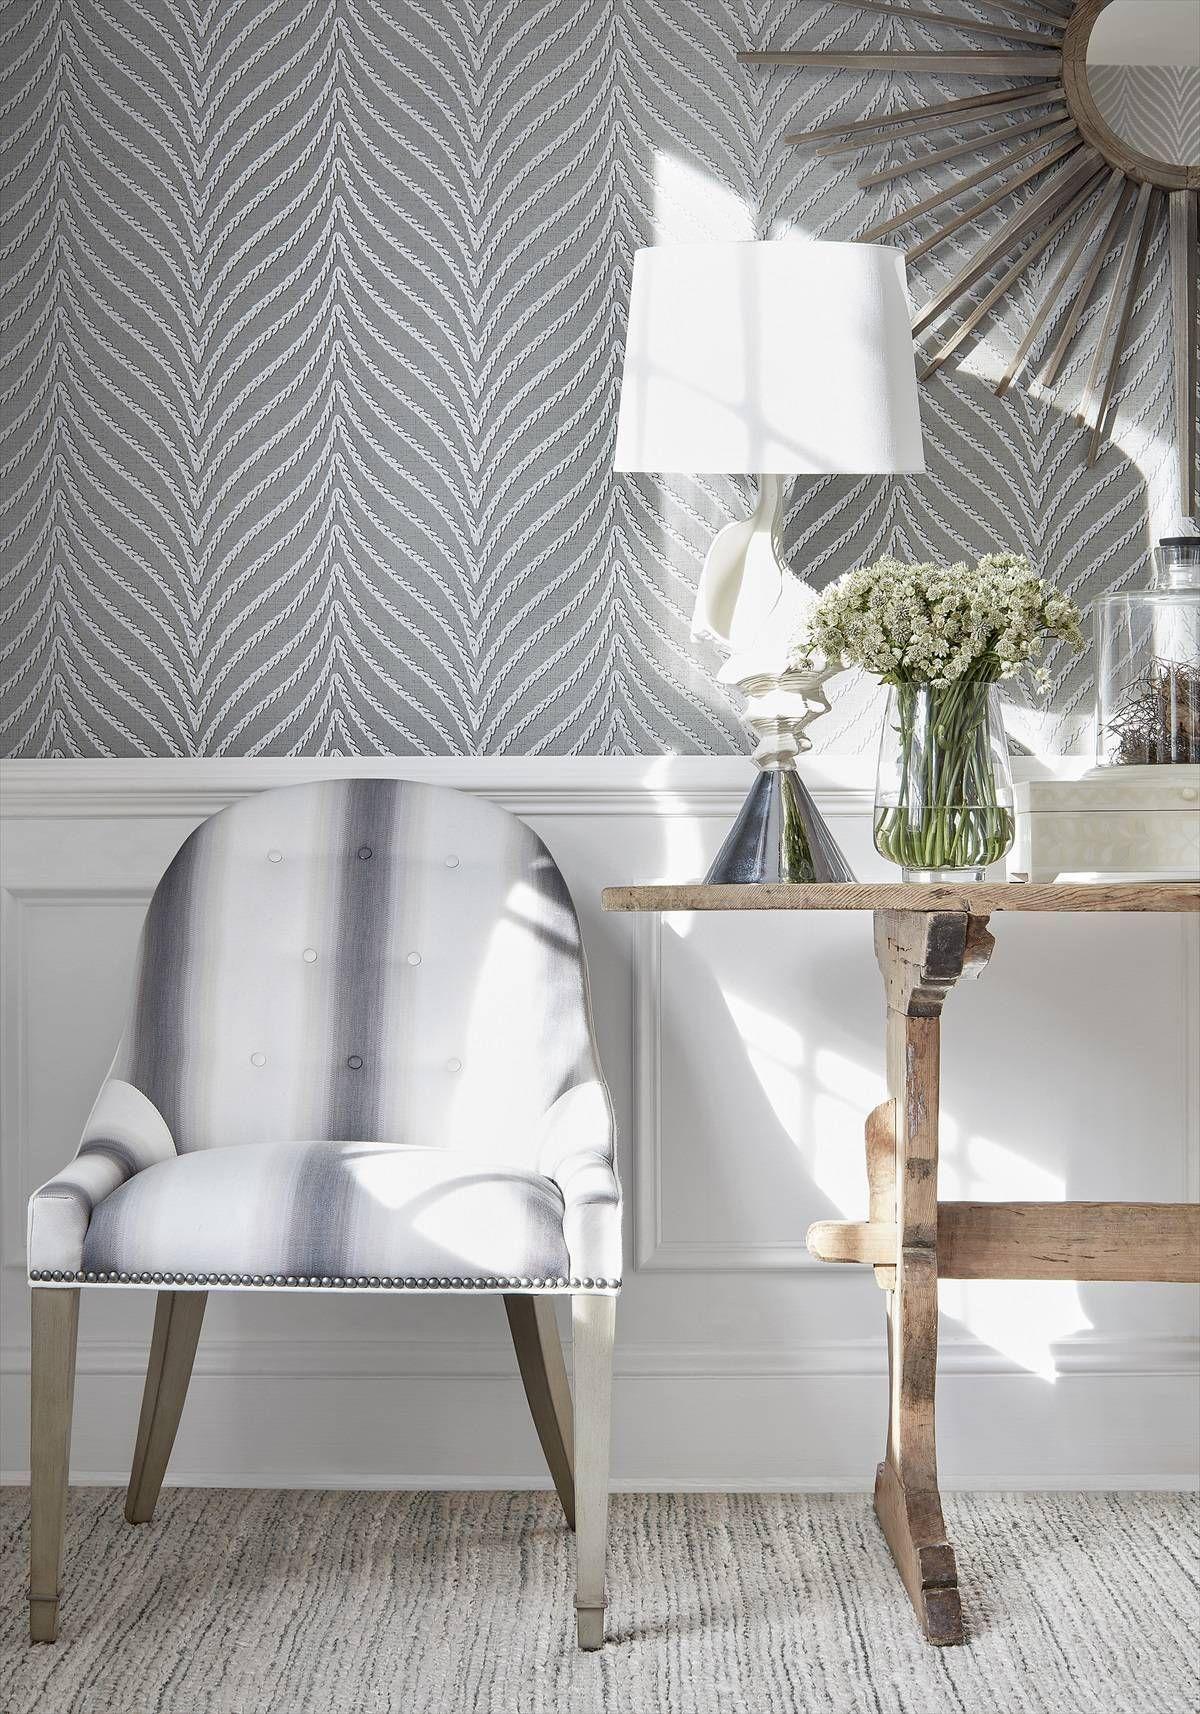 Thibaut Clayton Herringbone Aqua Wallpaper | 2018 Designer Wallpaper Collections | TM Interiors Clayton Herringbone 839-T-75497 Aqua by Thibaut Wallpaper ...